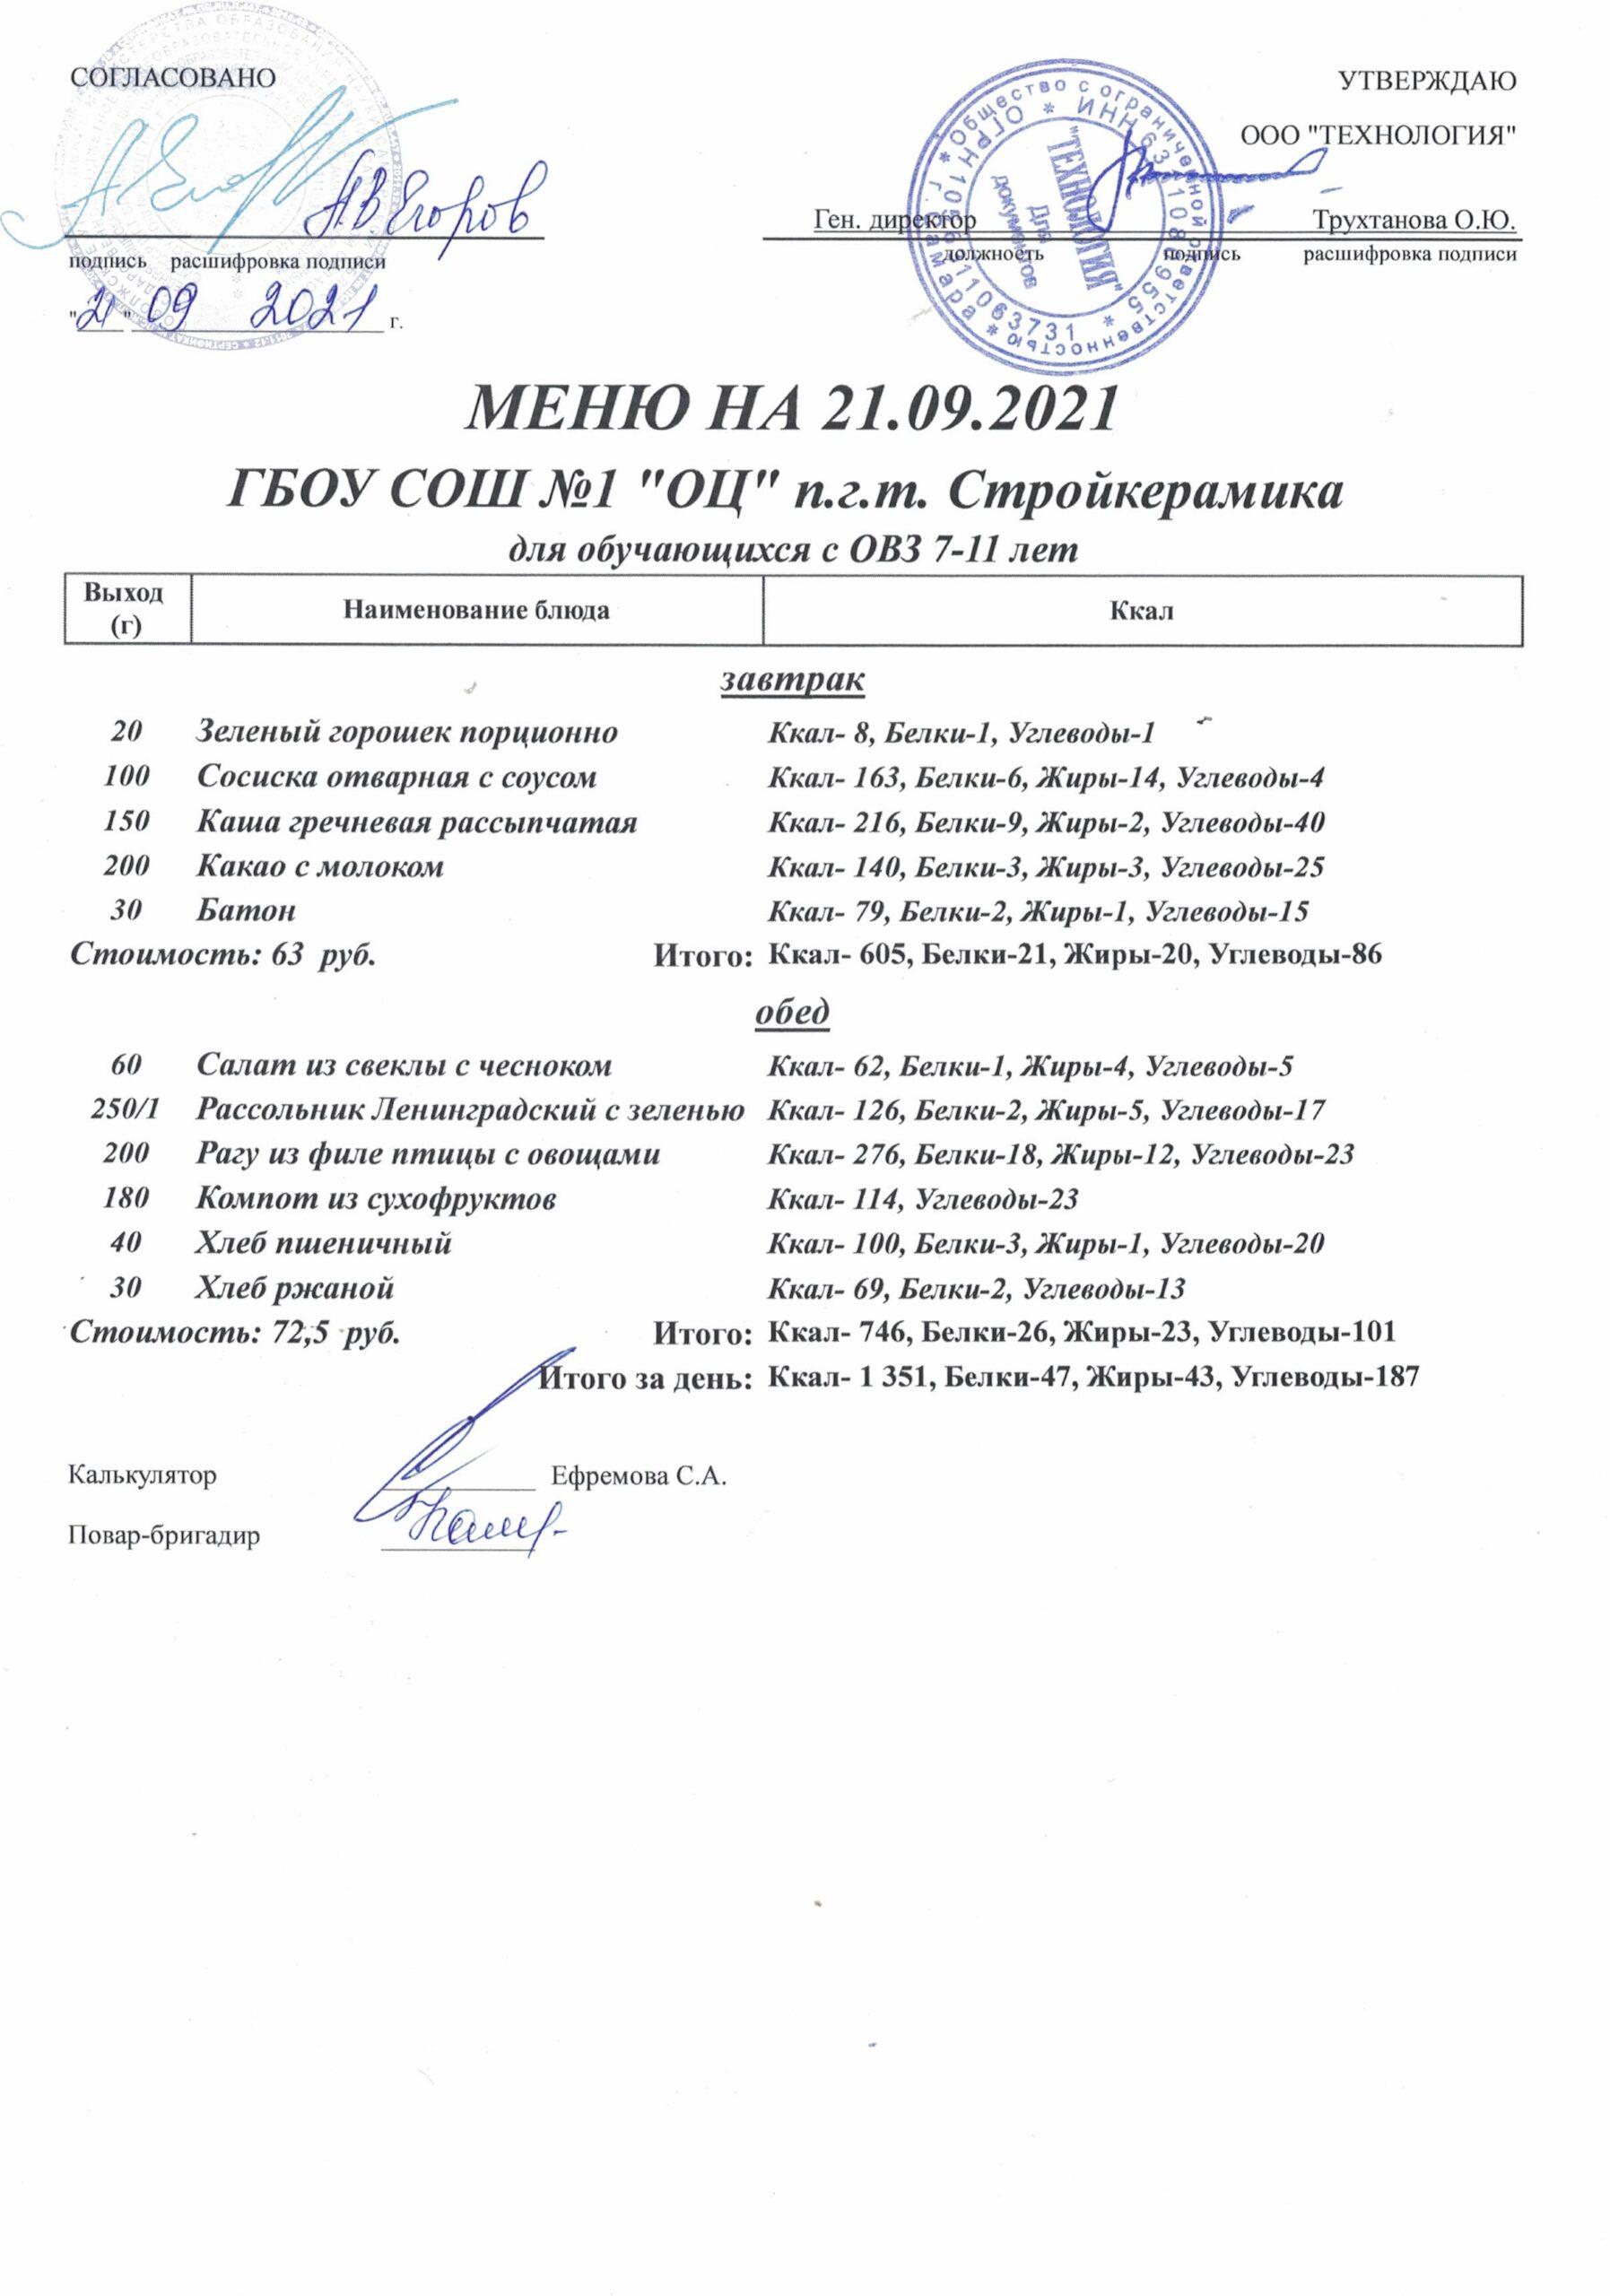 466AAFE6-0A04-4BAB-961C-53E43607E1F2